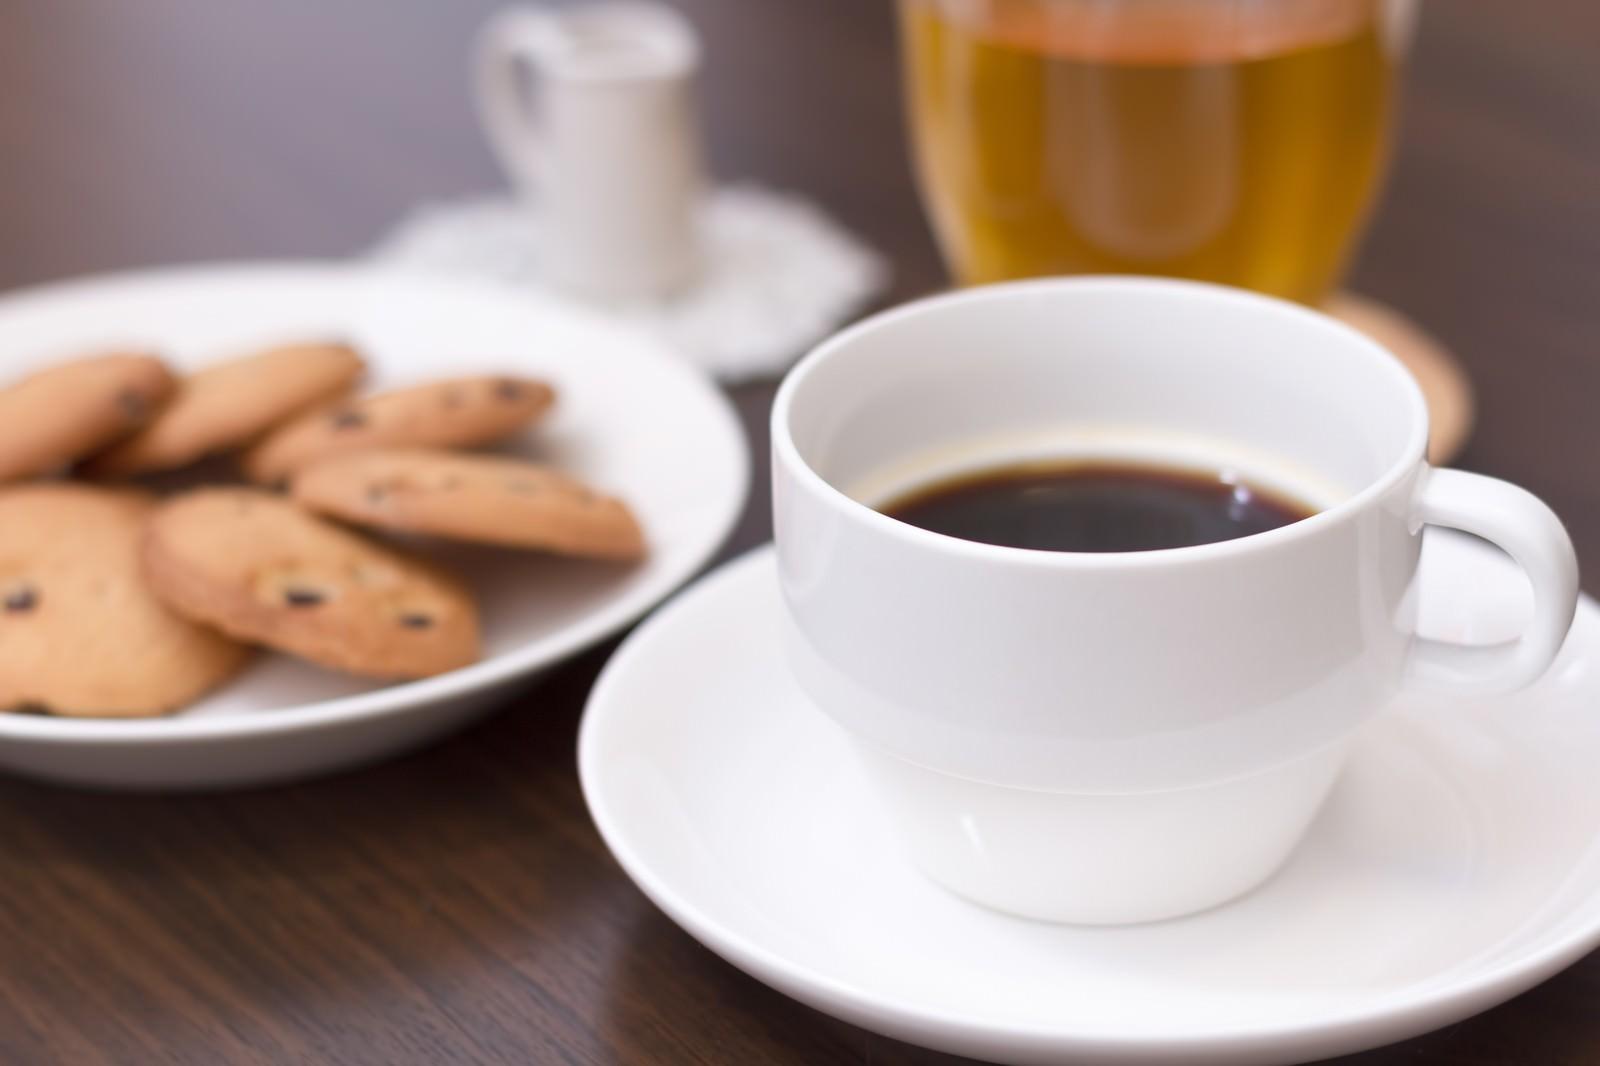 「午後のティータイム。コーヒーとクッキー午後のティータイム。コーヒーとクッキー」のフリー写真素材を拡大